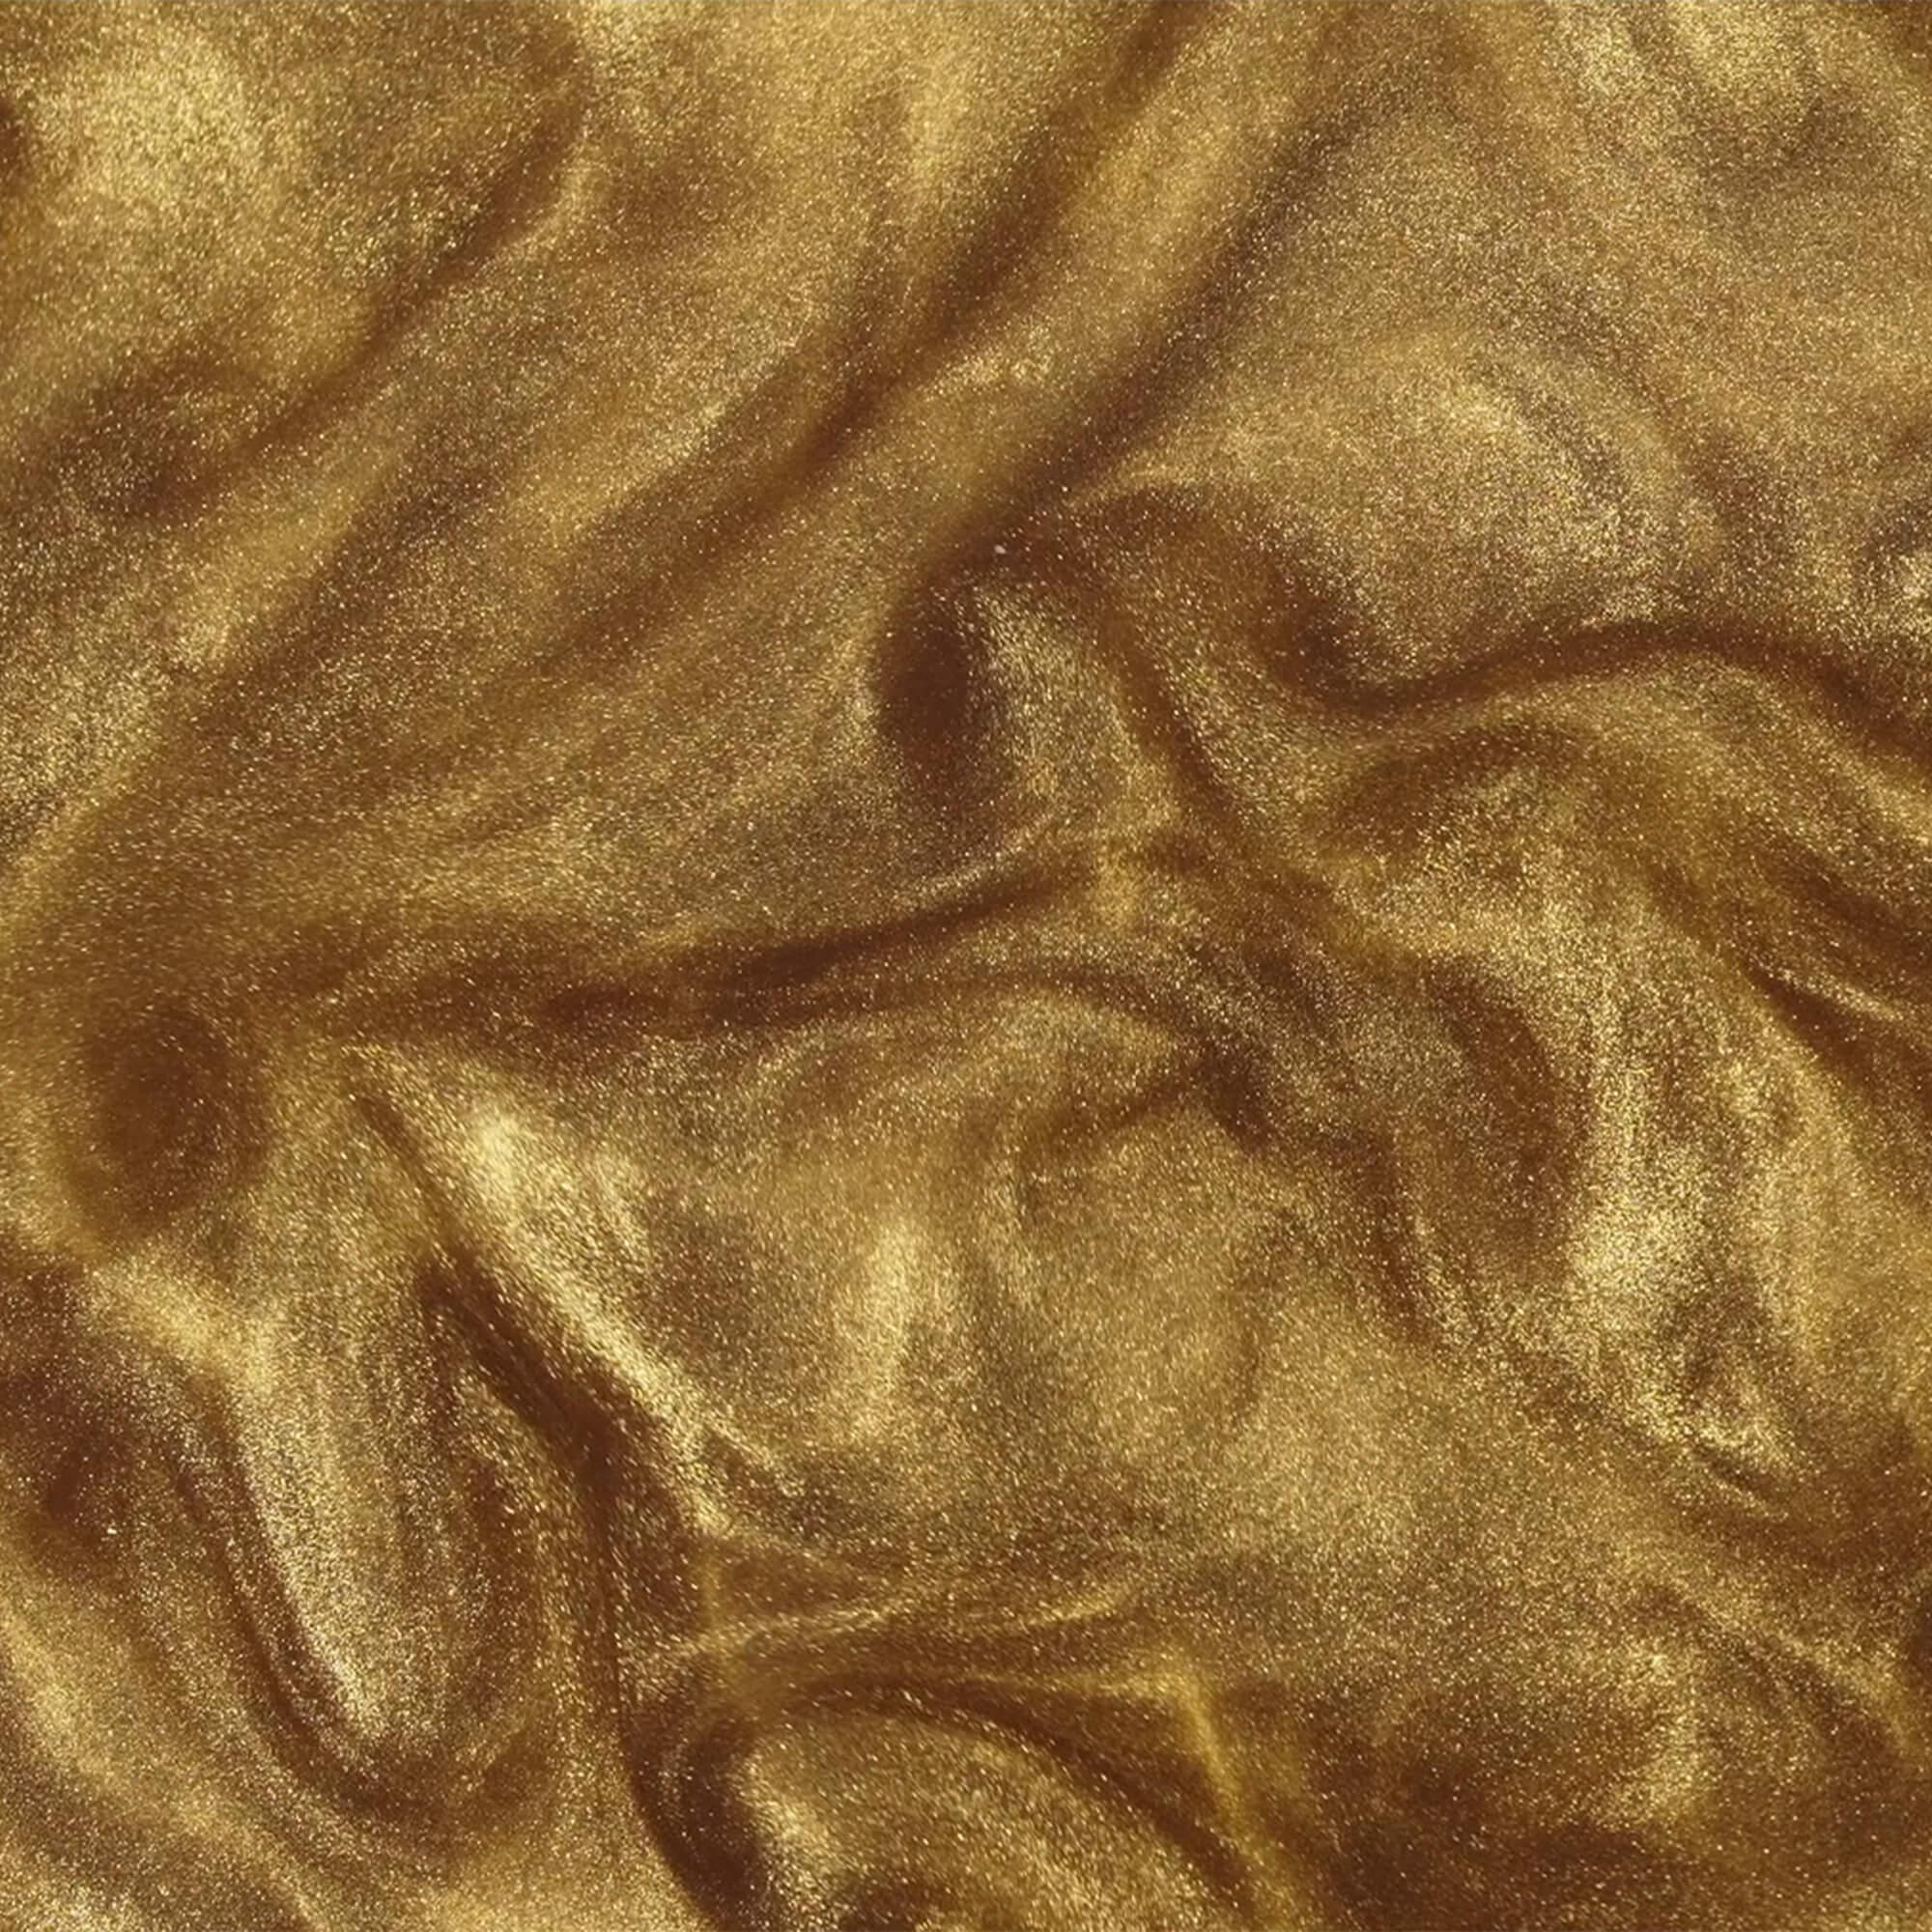 Colloidial Gold